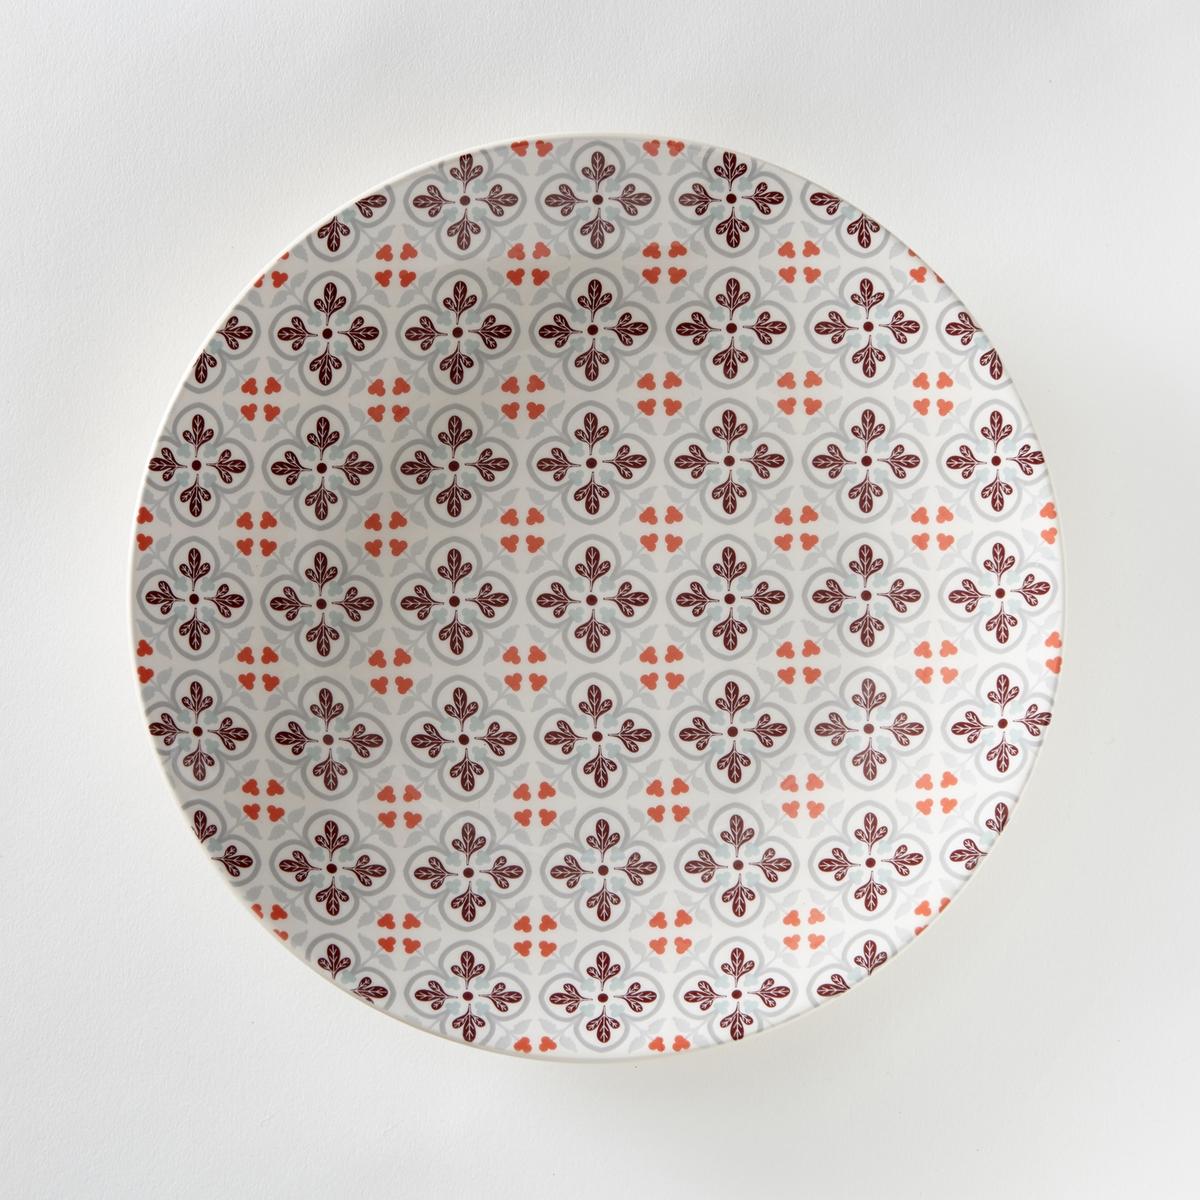 Комплект из 4 мелких тарелок из фаянса, диаметр 26,5 смХарактеристики 4 плоских тарелок с рисунком под цементную плитку  :- Из фаянса, разноцветные.- Диаметр 26,5 см  .- Можно использовать в посудомоечных машинах и микроволновых печах.Десертные тарелки и чашки того же комплекта продаются на сайте laredoute  .ru<br><br>Цвет: набивной рисунок